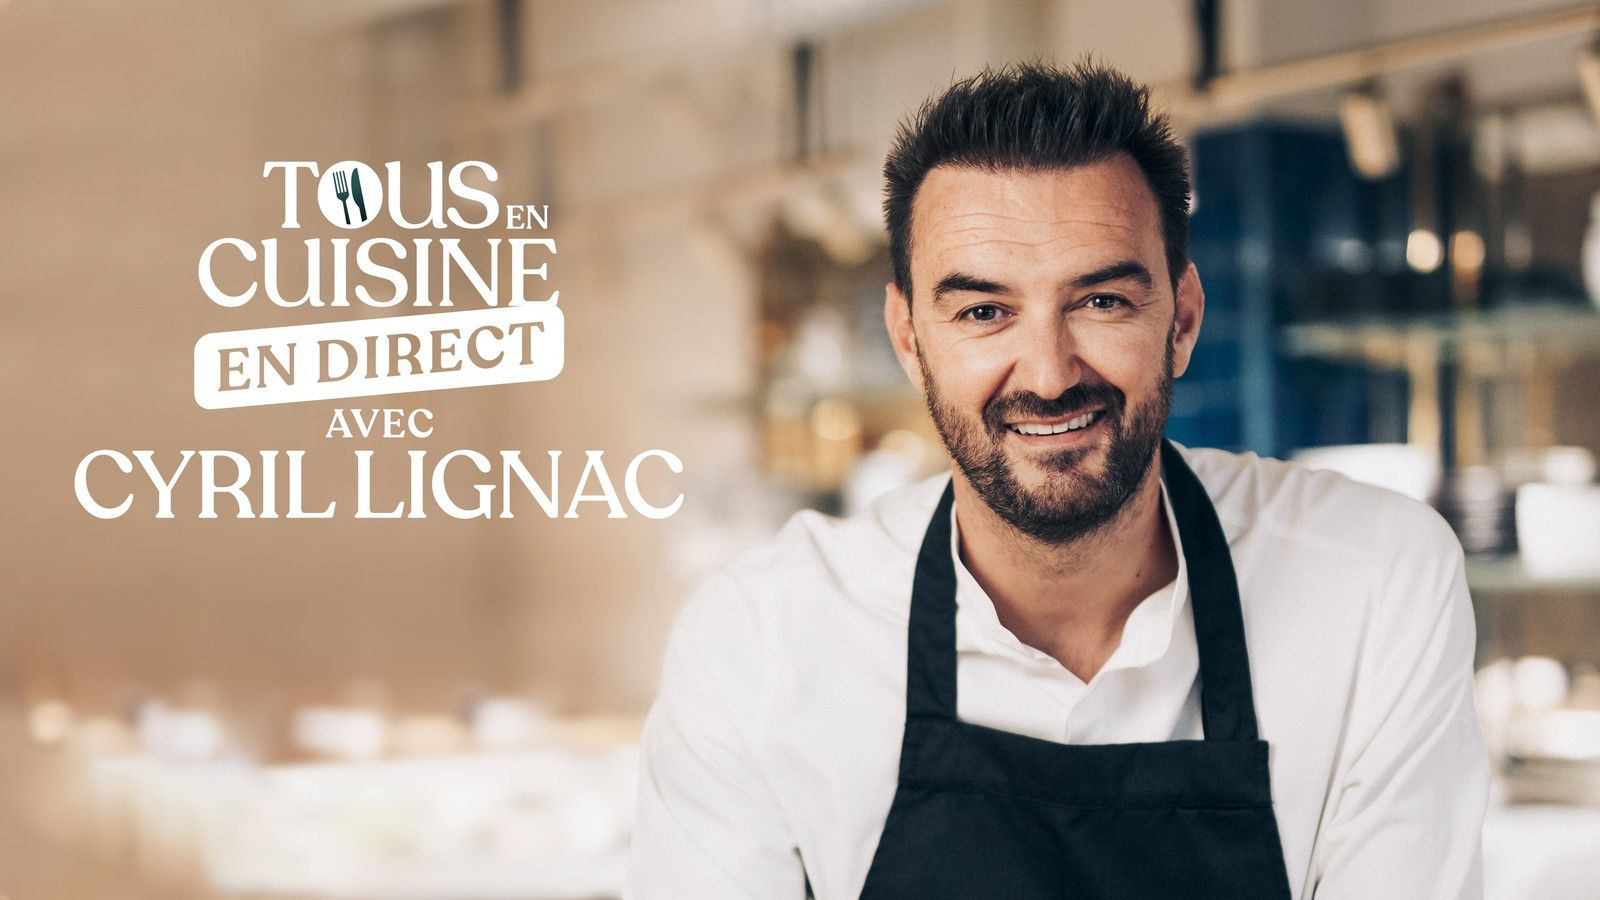 Tous en cuisine, en direct avec Cyril Lignac, de retour le 24 août sur M6.